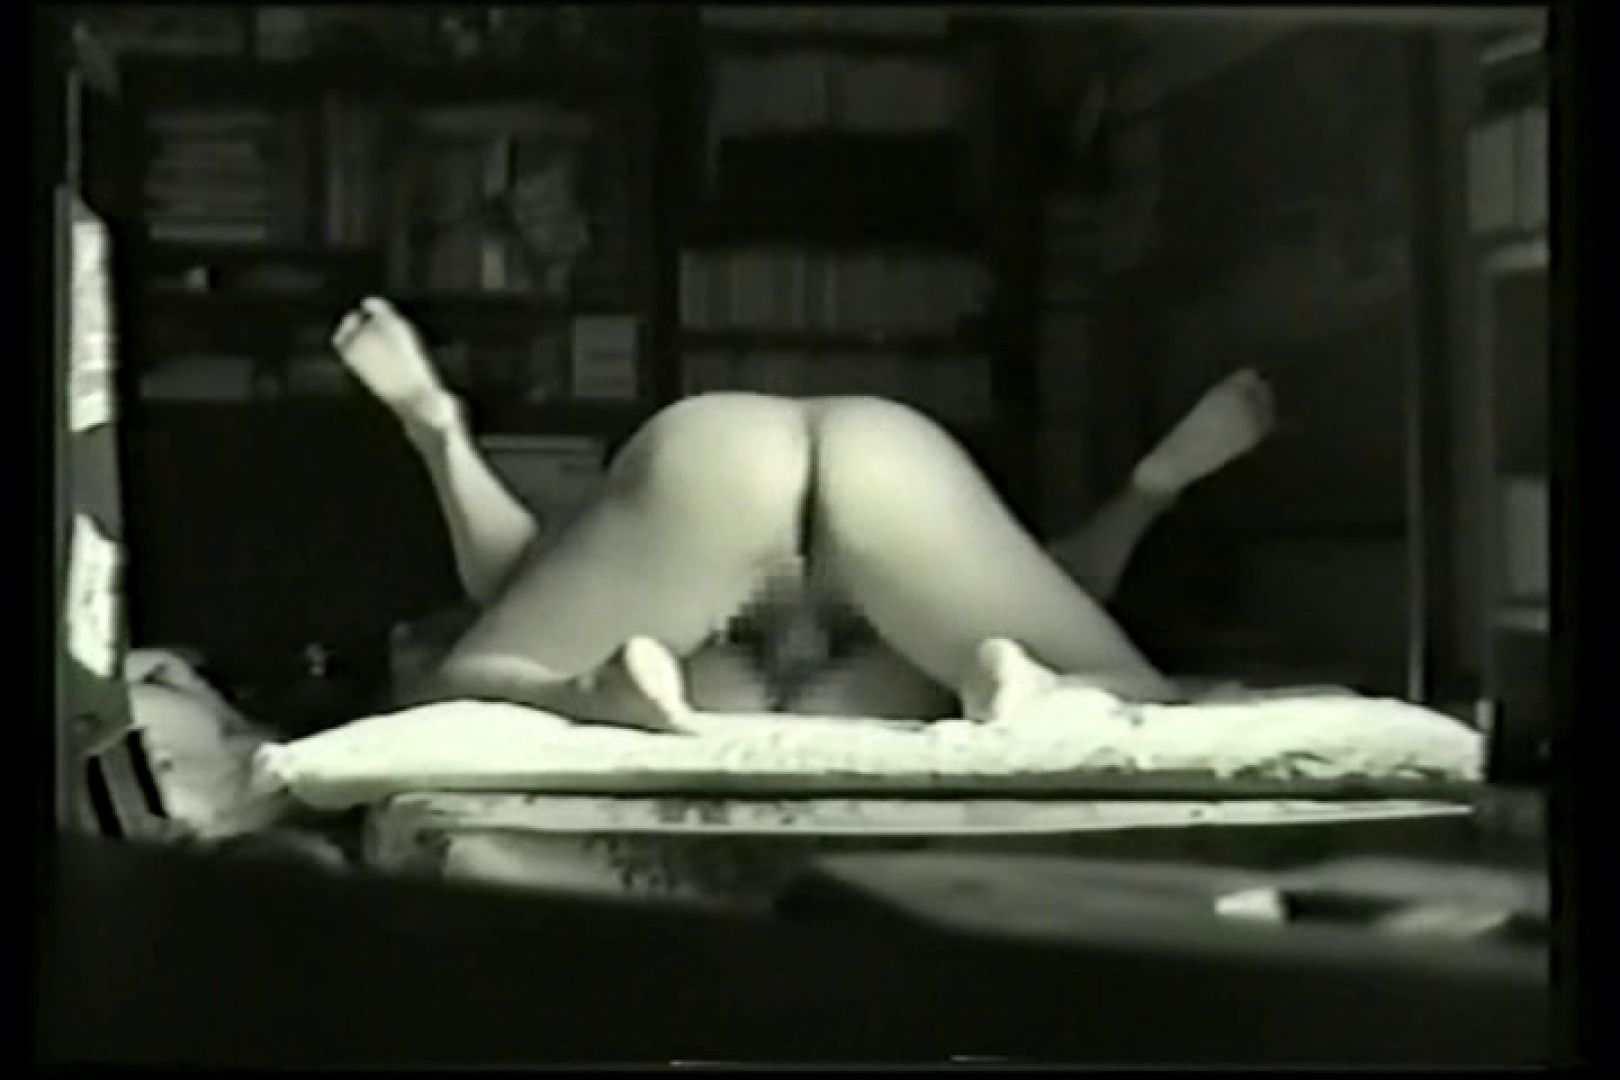 素人嬢をホテルに連れ込みアンナ事・コンナ事!?Vol.5 淫乱  99画像 42